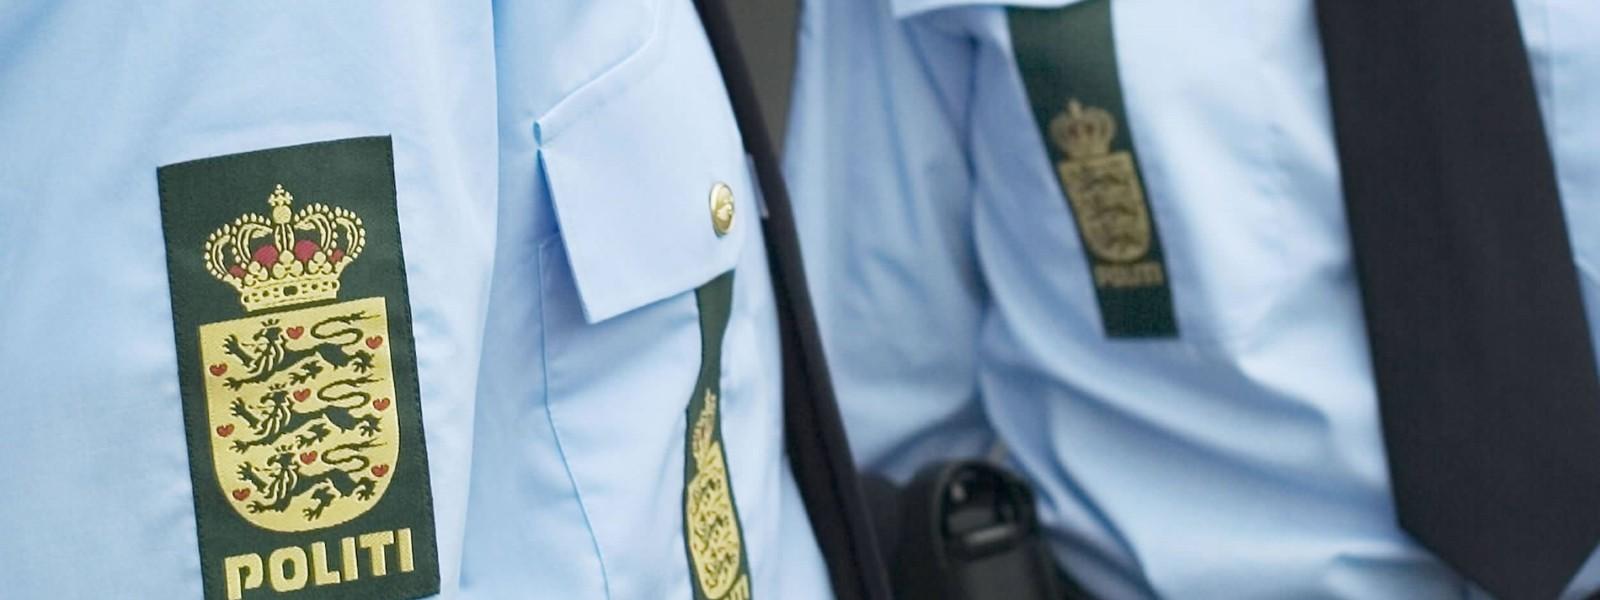 WOTDAY - Hjælp til at bestå Polities fysiske optagelsesprøve 3